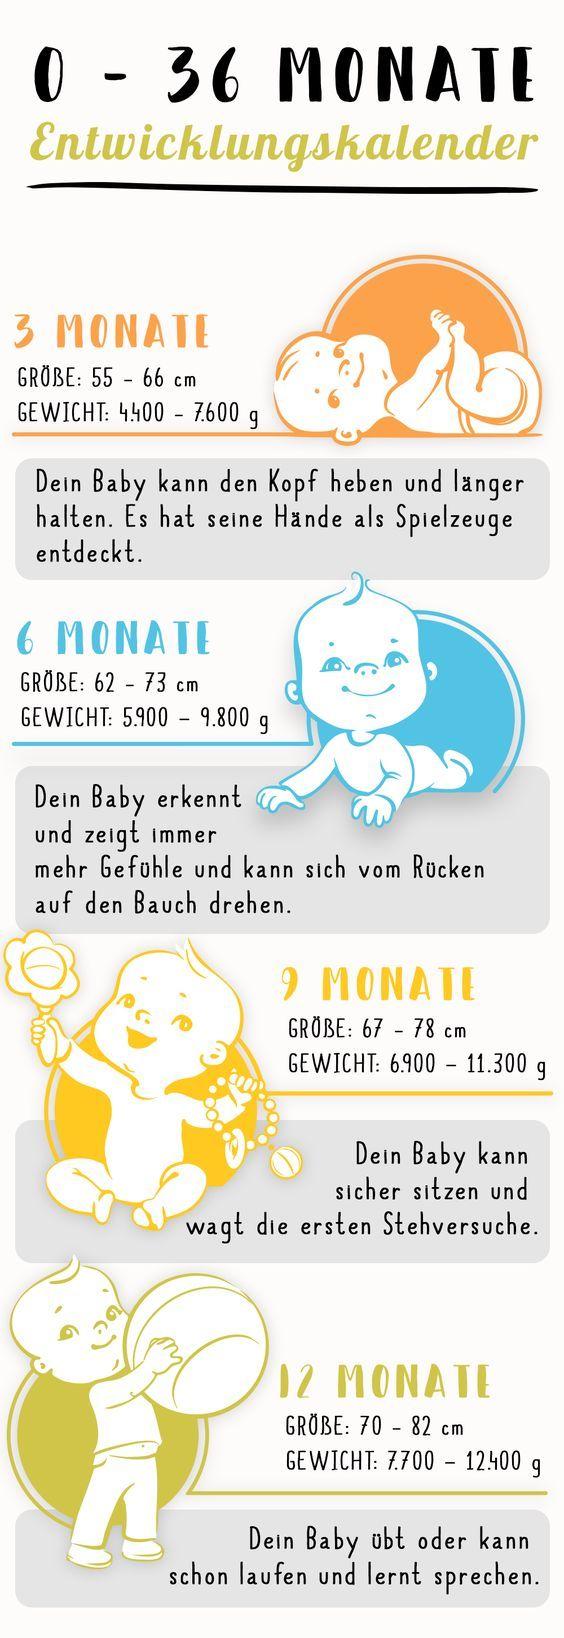 55 best Baby images on Pinterest   Schwangerschaft, Amigurumi und ...